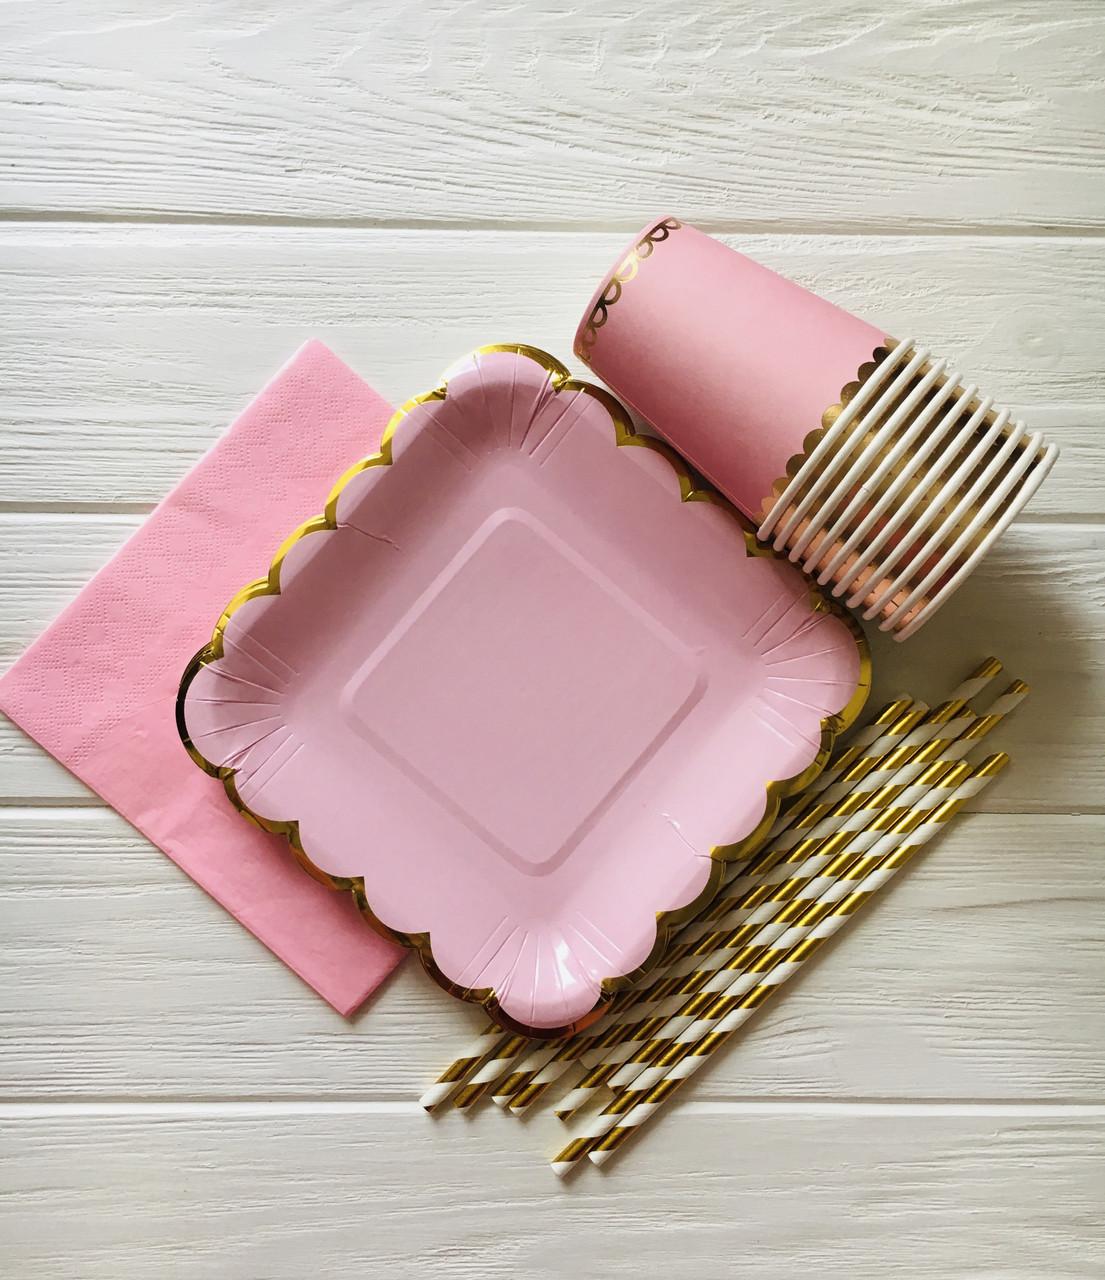 """Набор бумажной посуды - тарелочки, стаканчики,трубочки и салфетки """"Blush pink"""" (40 шт.)"""